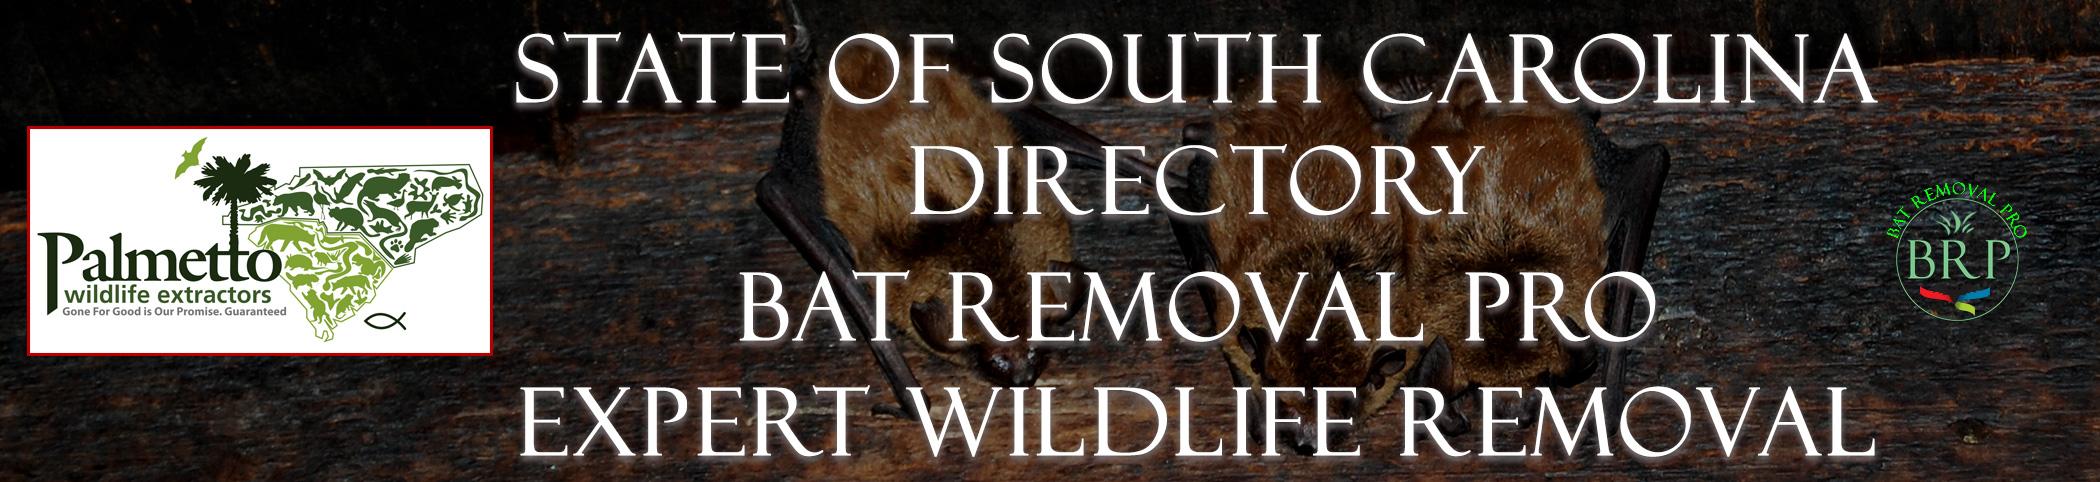 south carolina header image at bat removal pro